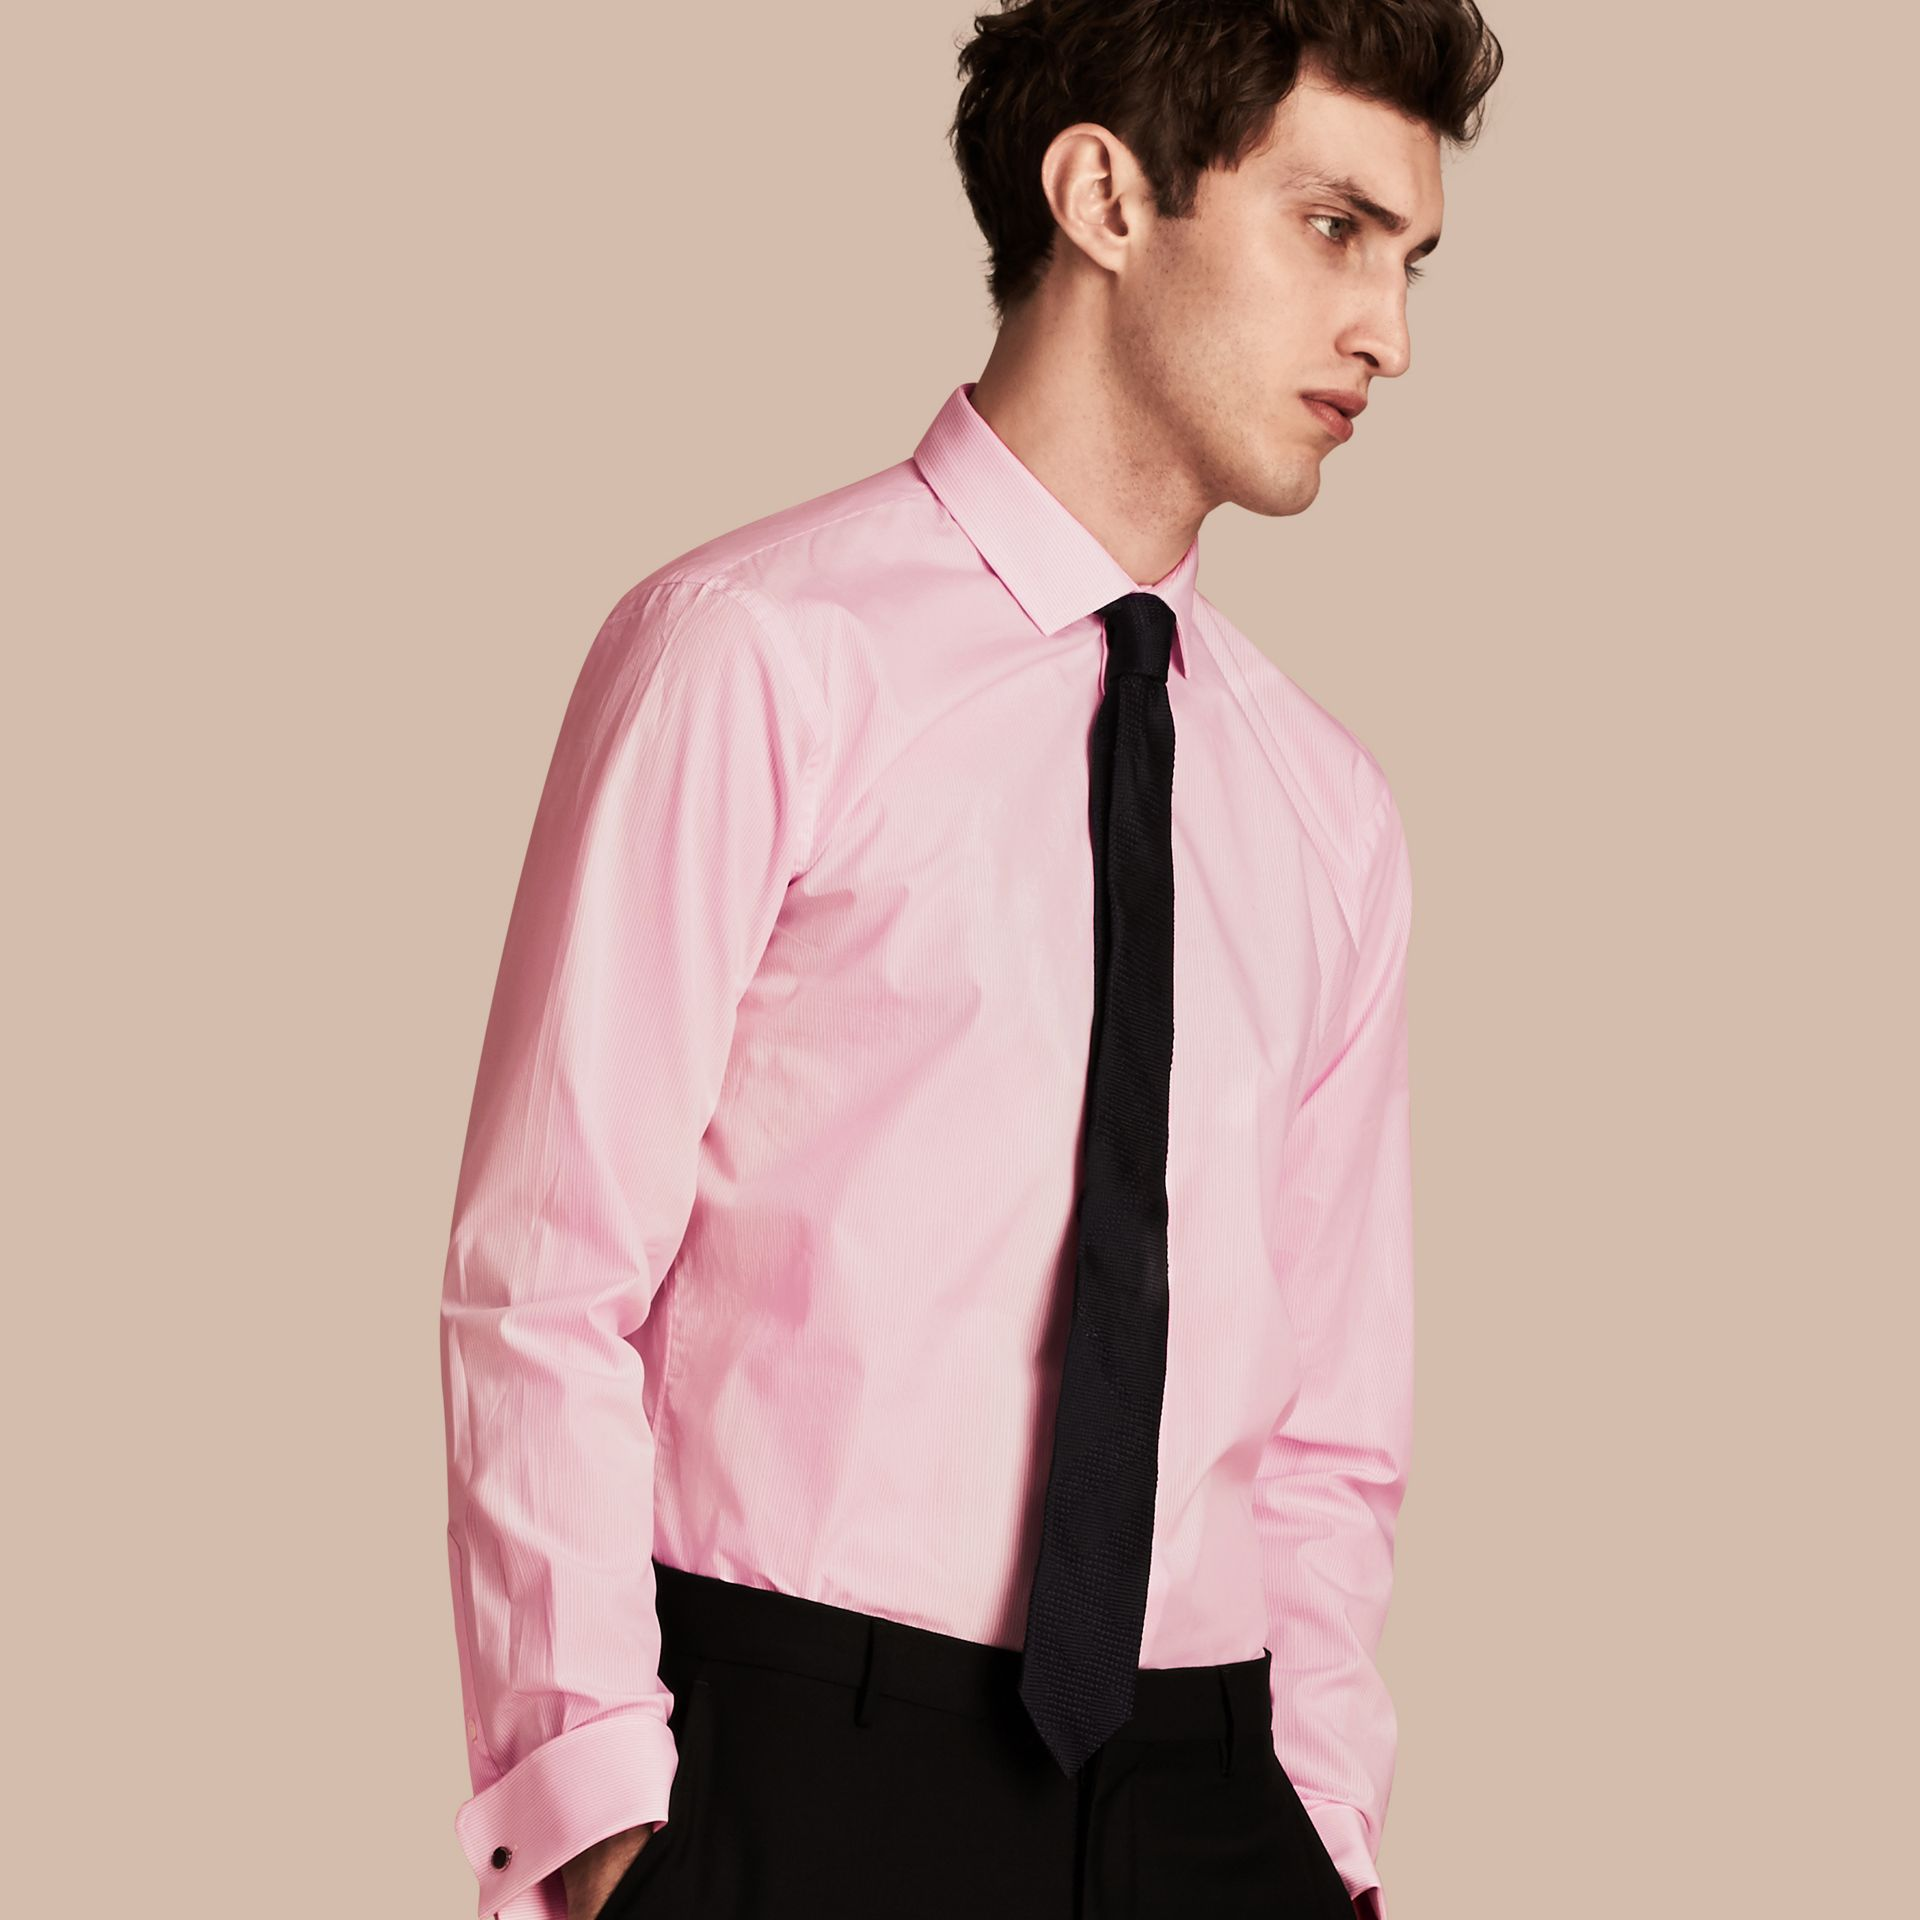 City pink Camisa de popeline de algodão com estampa listrada e corte moderno - galeria de imagens 1